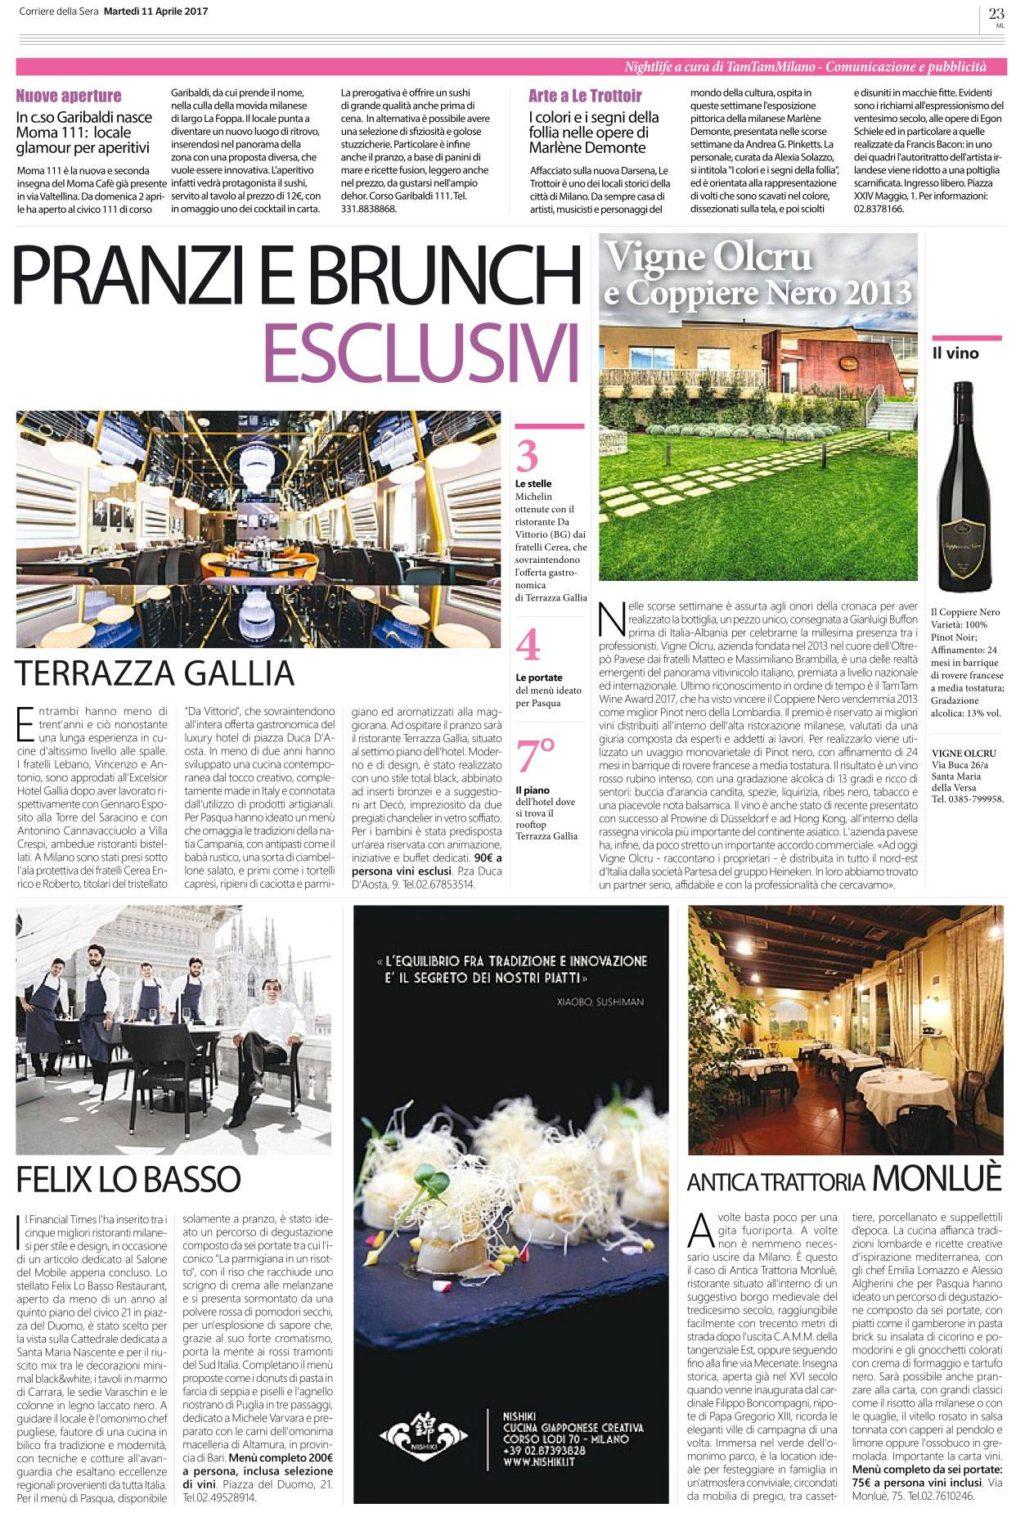 Corriere 11 aprile 2017